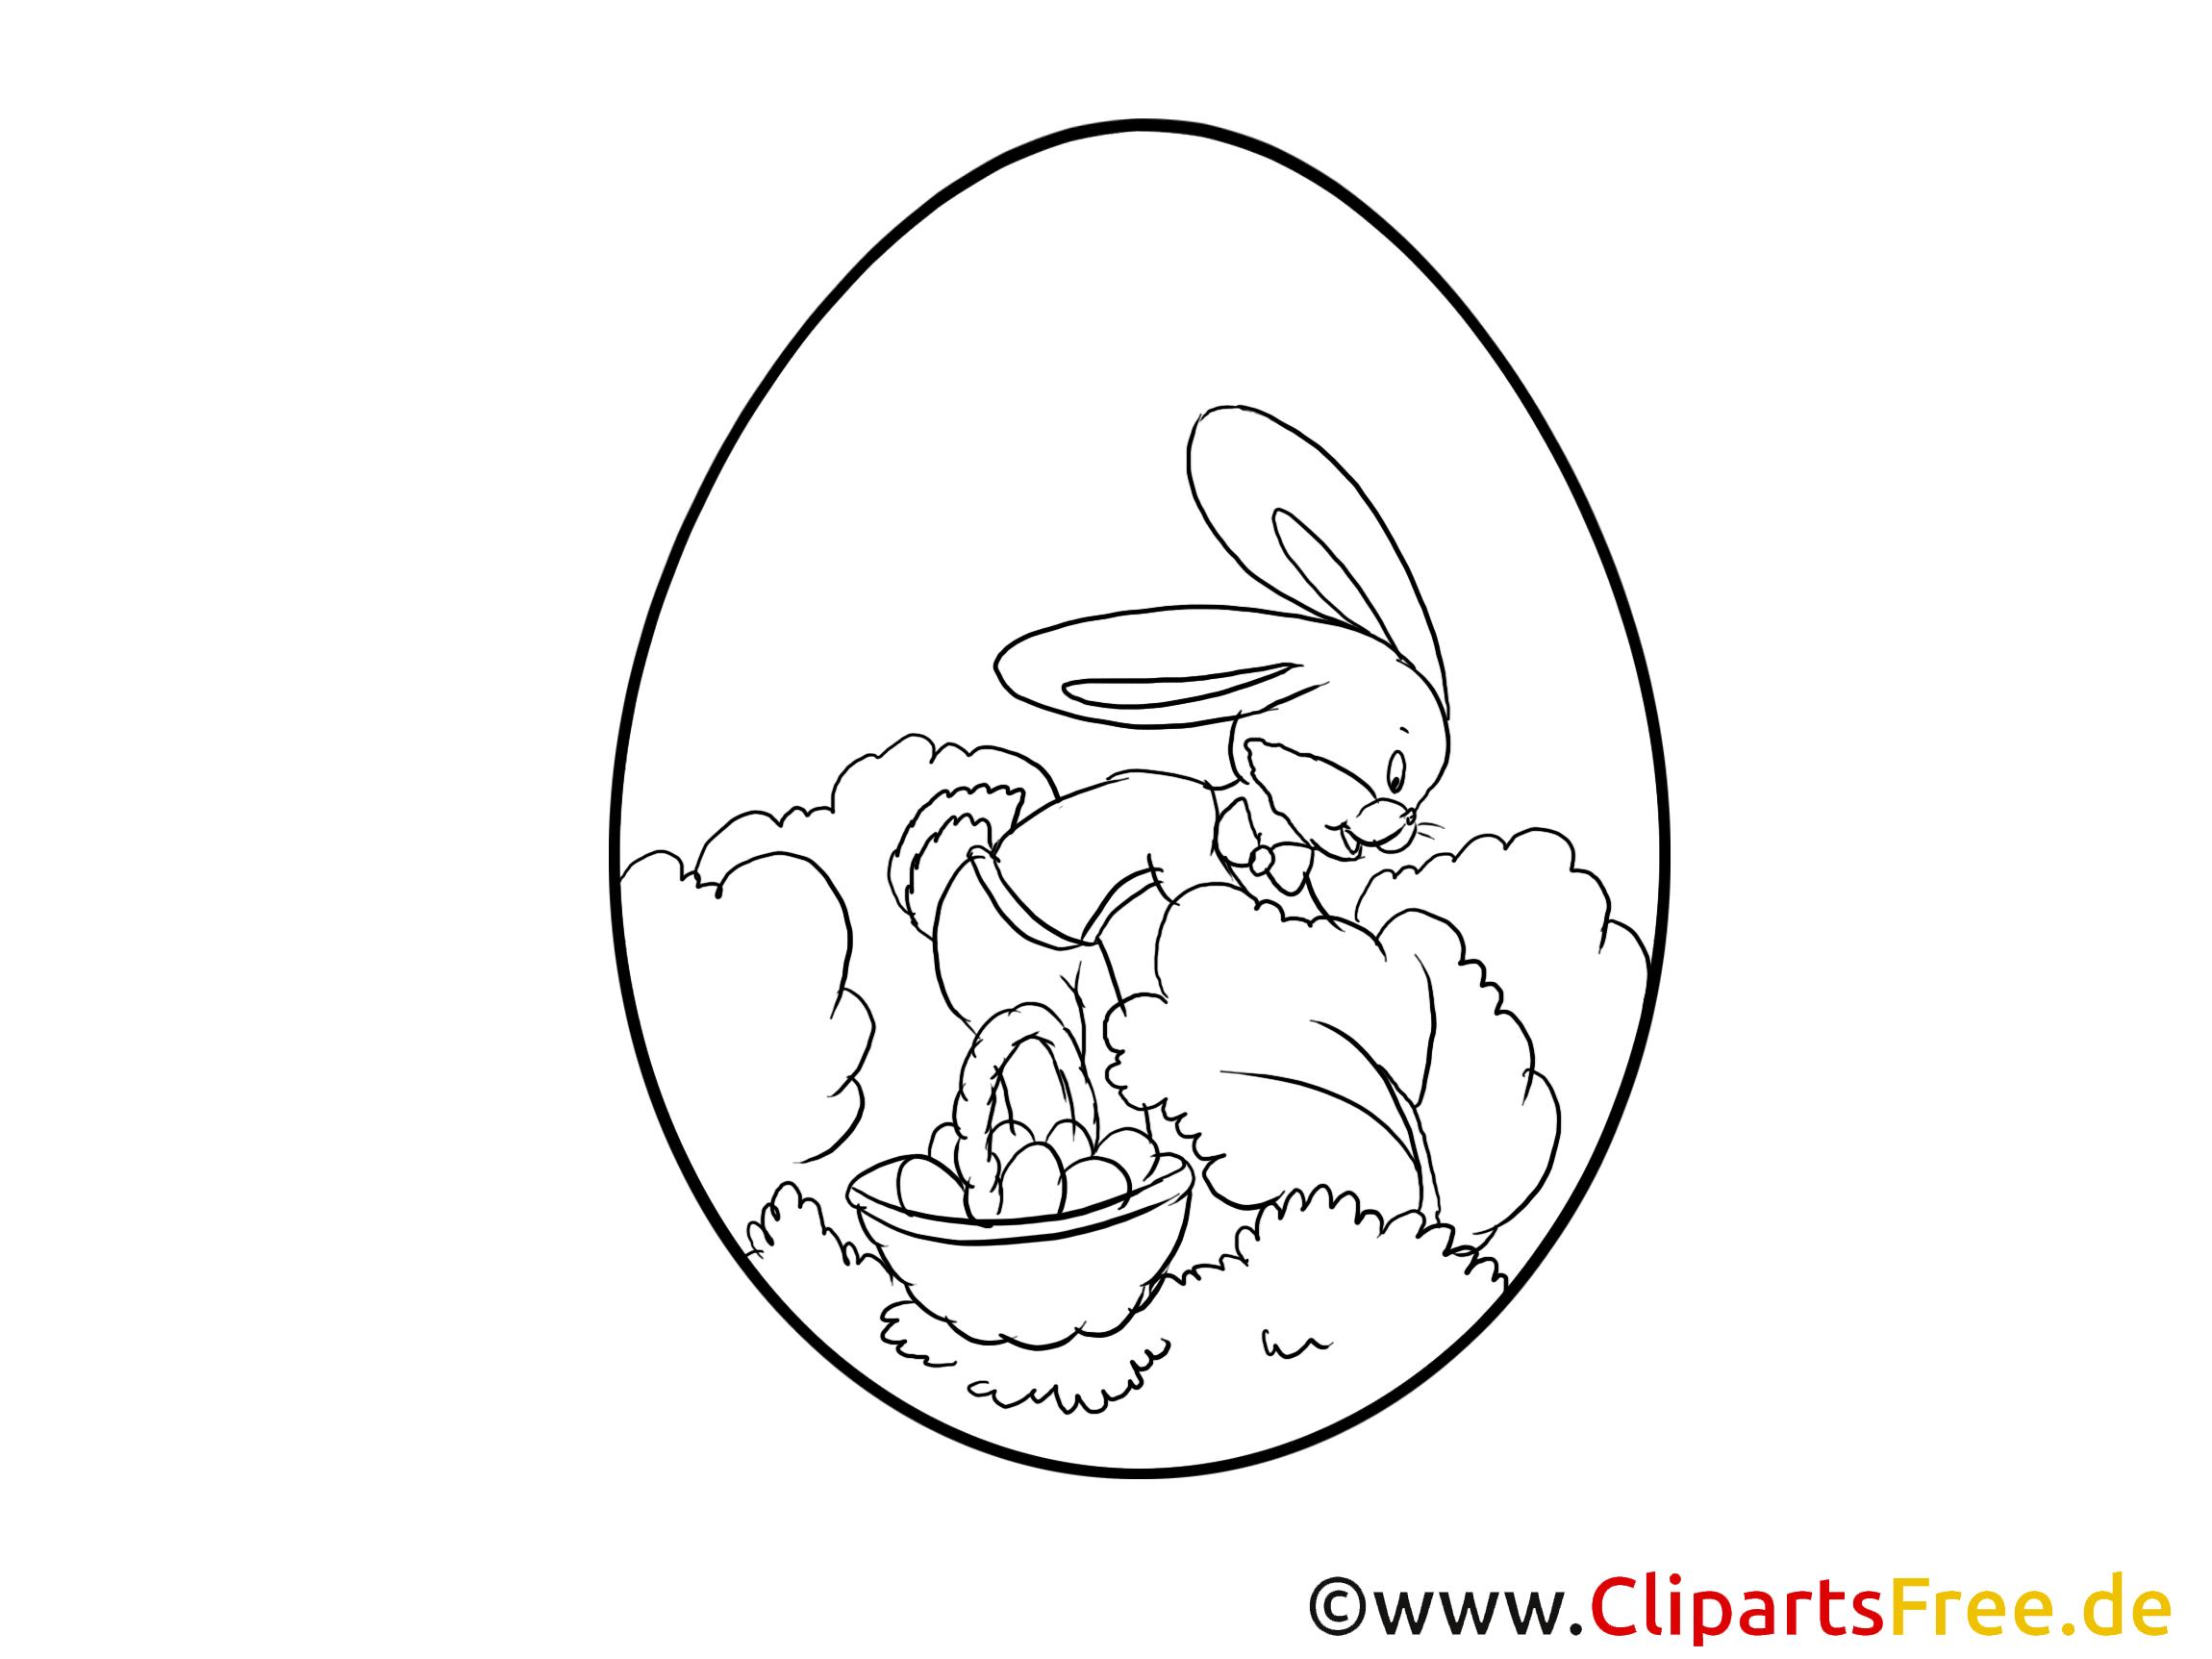 Ostern Malvorlage kostenlos im PDF-Format